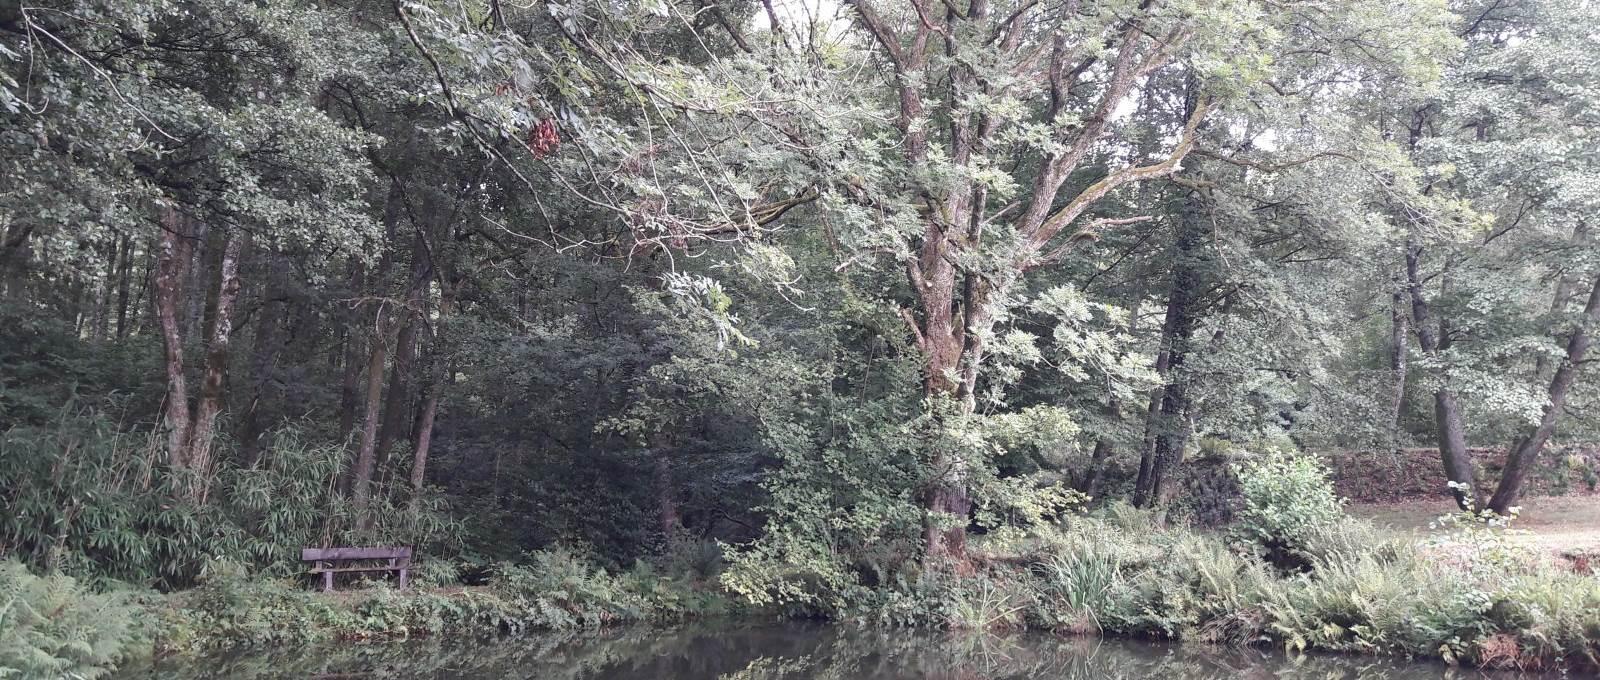 Venez vous ressourcer sur le banc au bord de l'étang à poisson rouge à l'ombre d'une haie de bambous